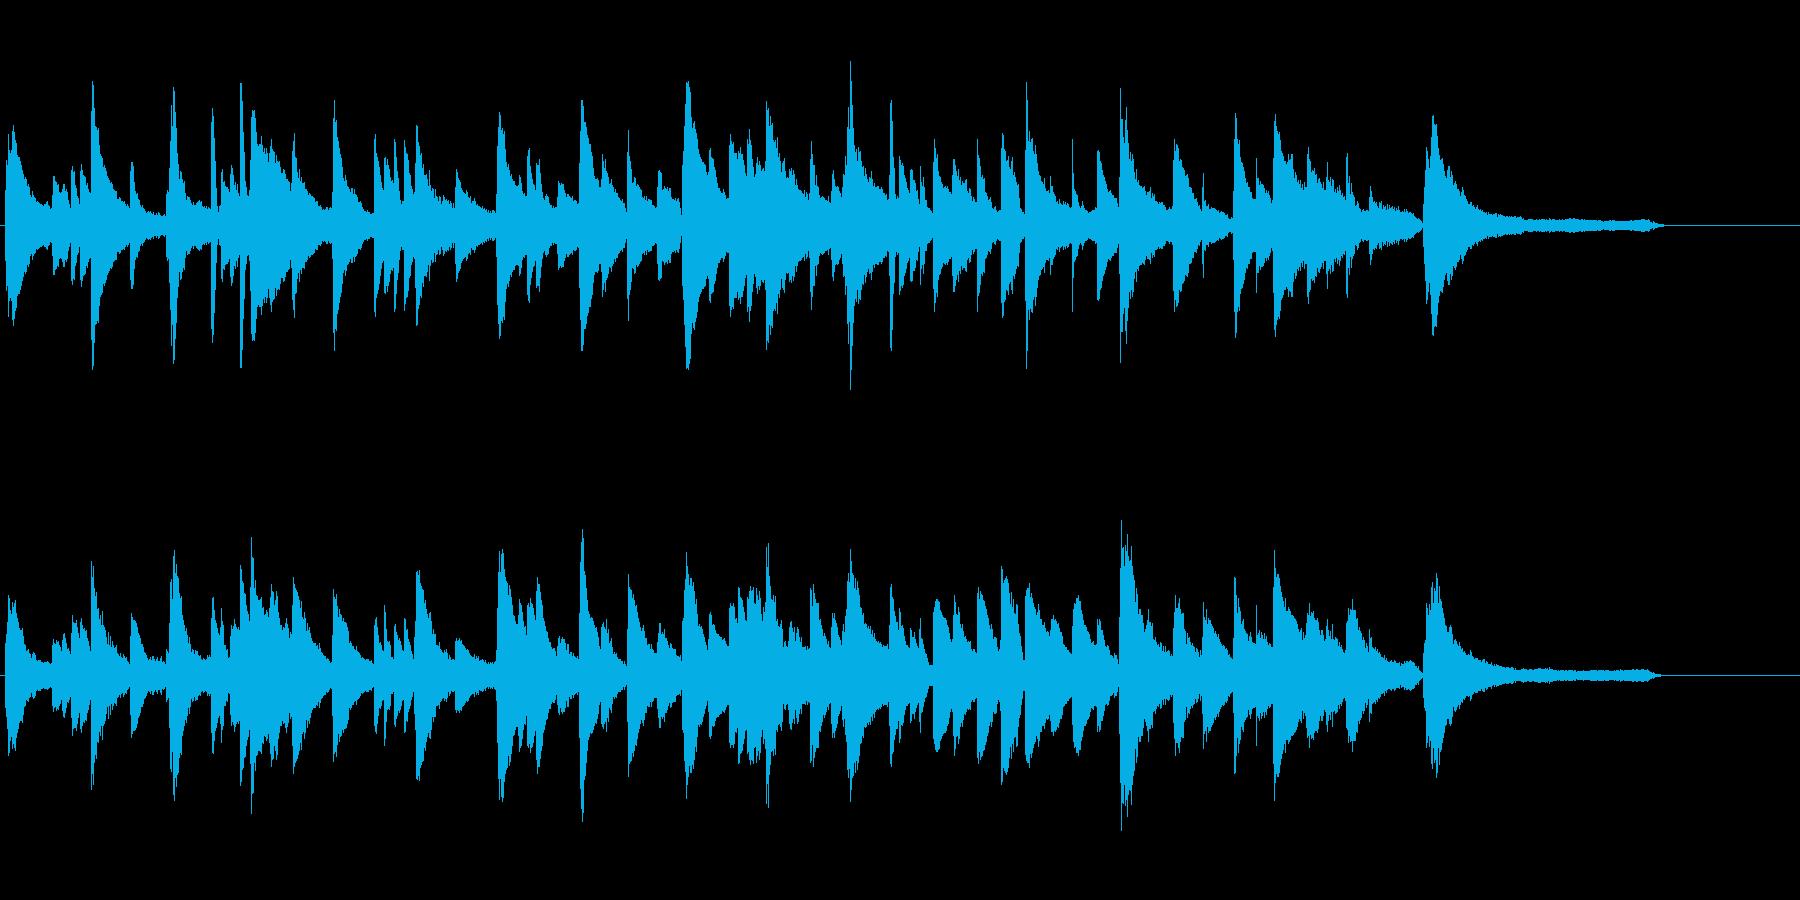 ピアノソロの40秒ジングルの再生済みの波形